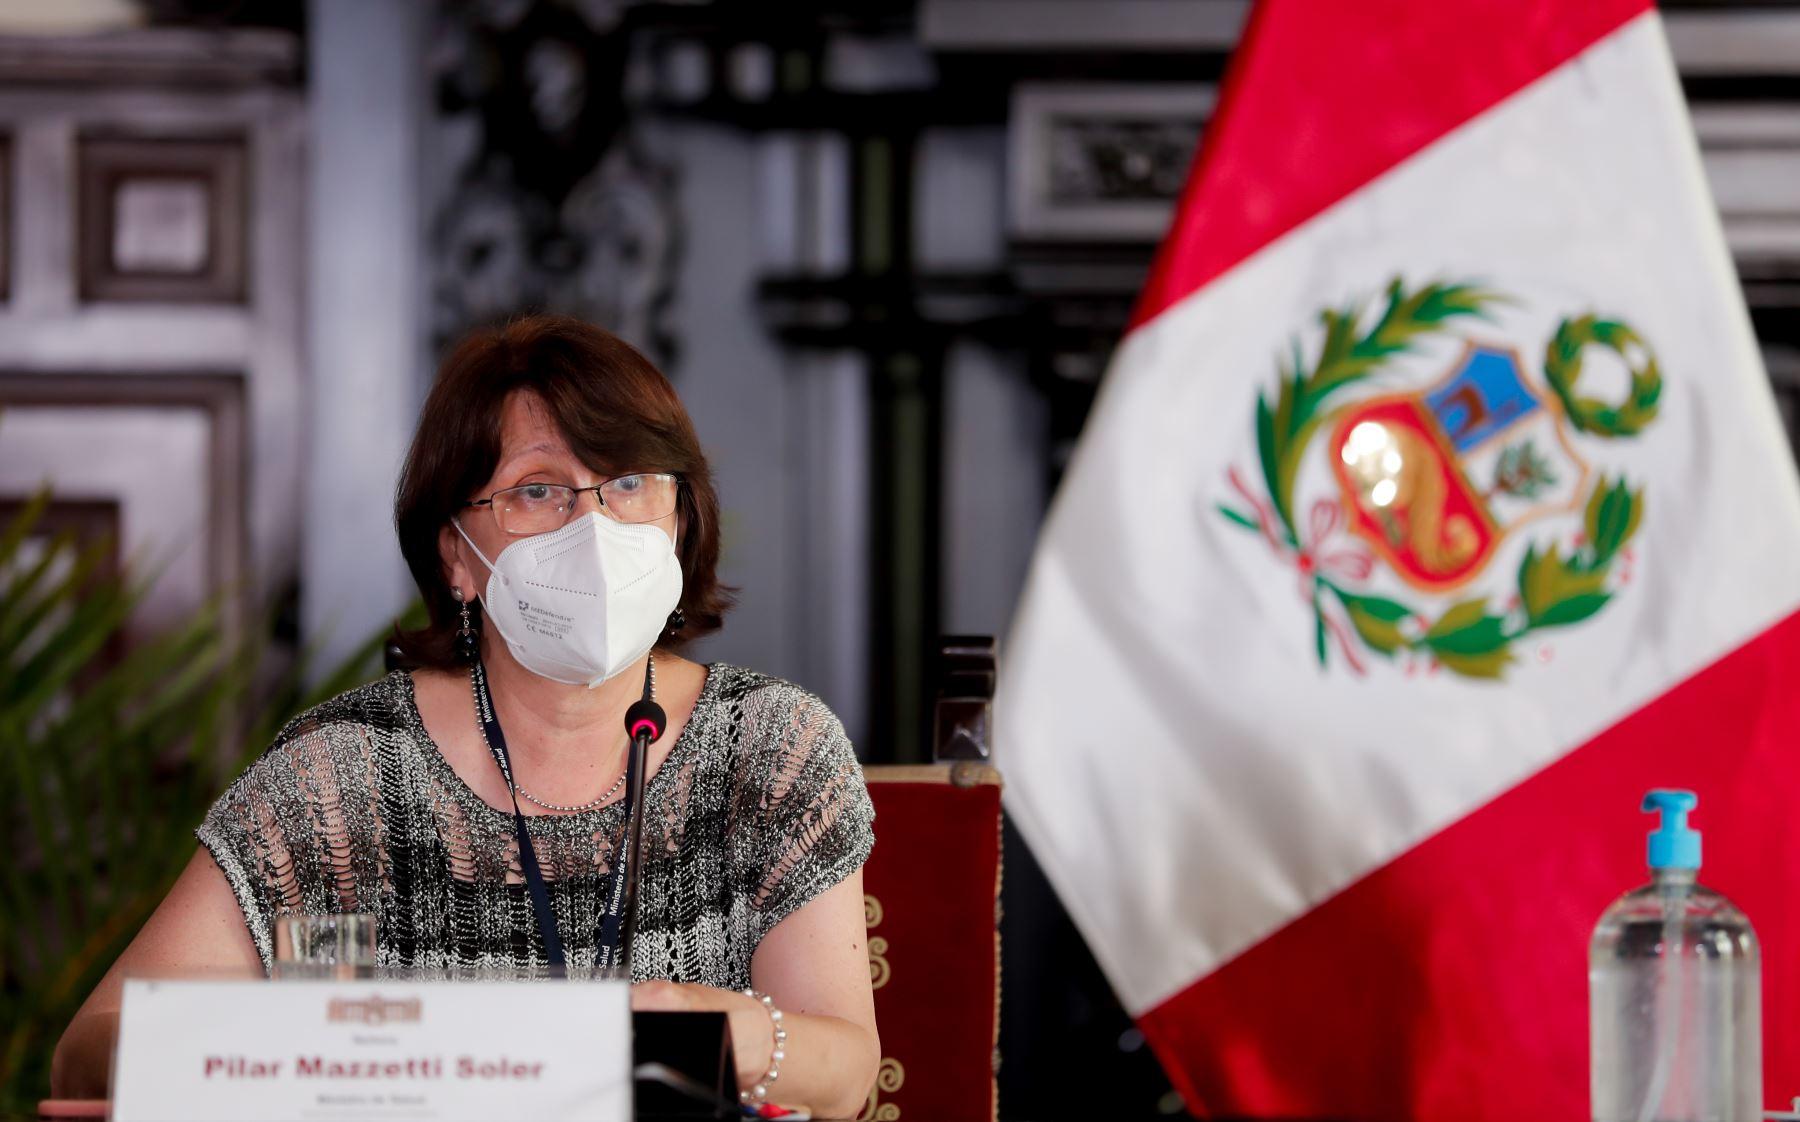 La ministra de Salud, Pilar Mazzetti, expone los acuerdos adoptados en la sesión de Consejo de Ministros, orientados a la mejora de los servicios públicos y atención de la emergencia sanitaria. Foto: PCM